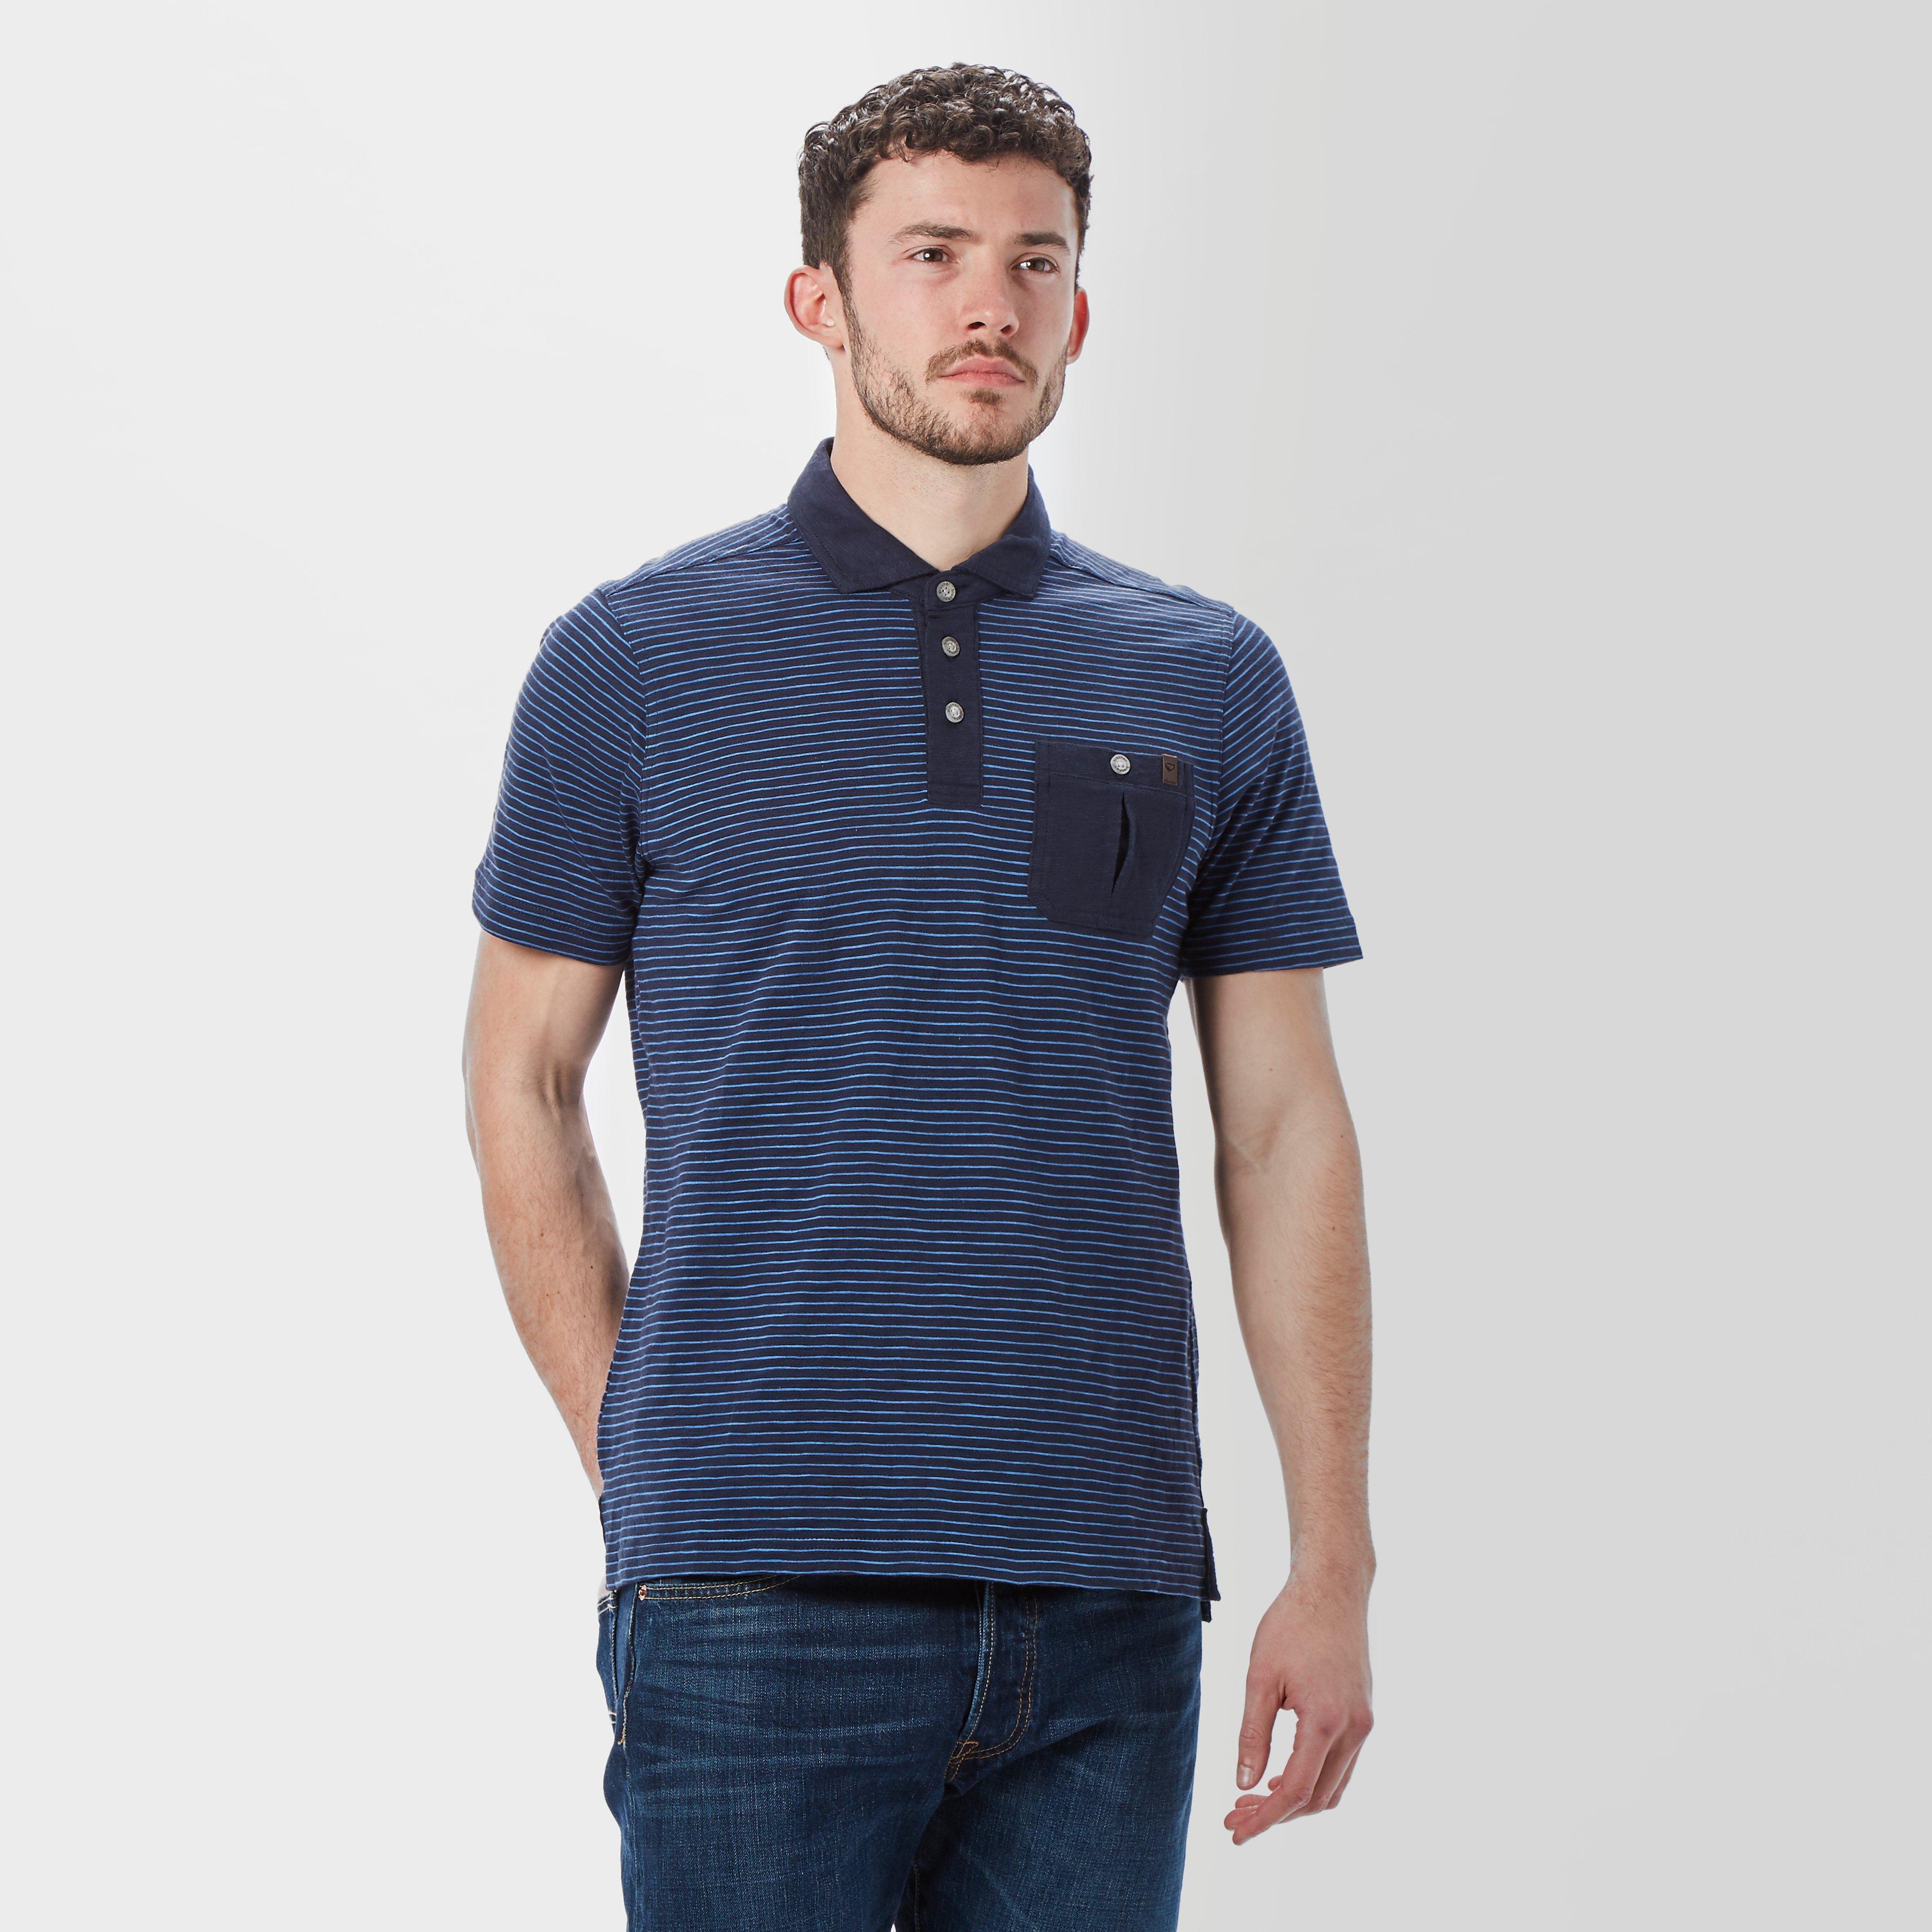 Brasher Brasher Mens Robinson Stripe Polo Shirt - Navy, Navy